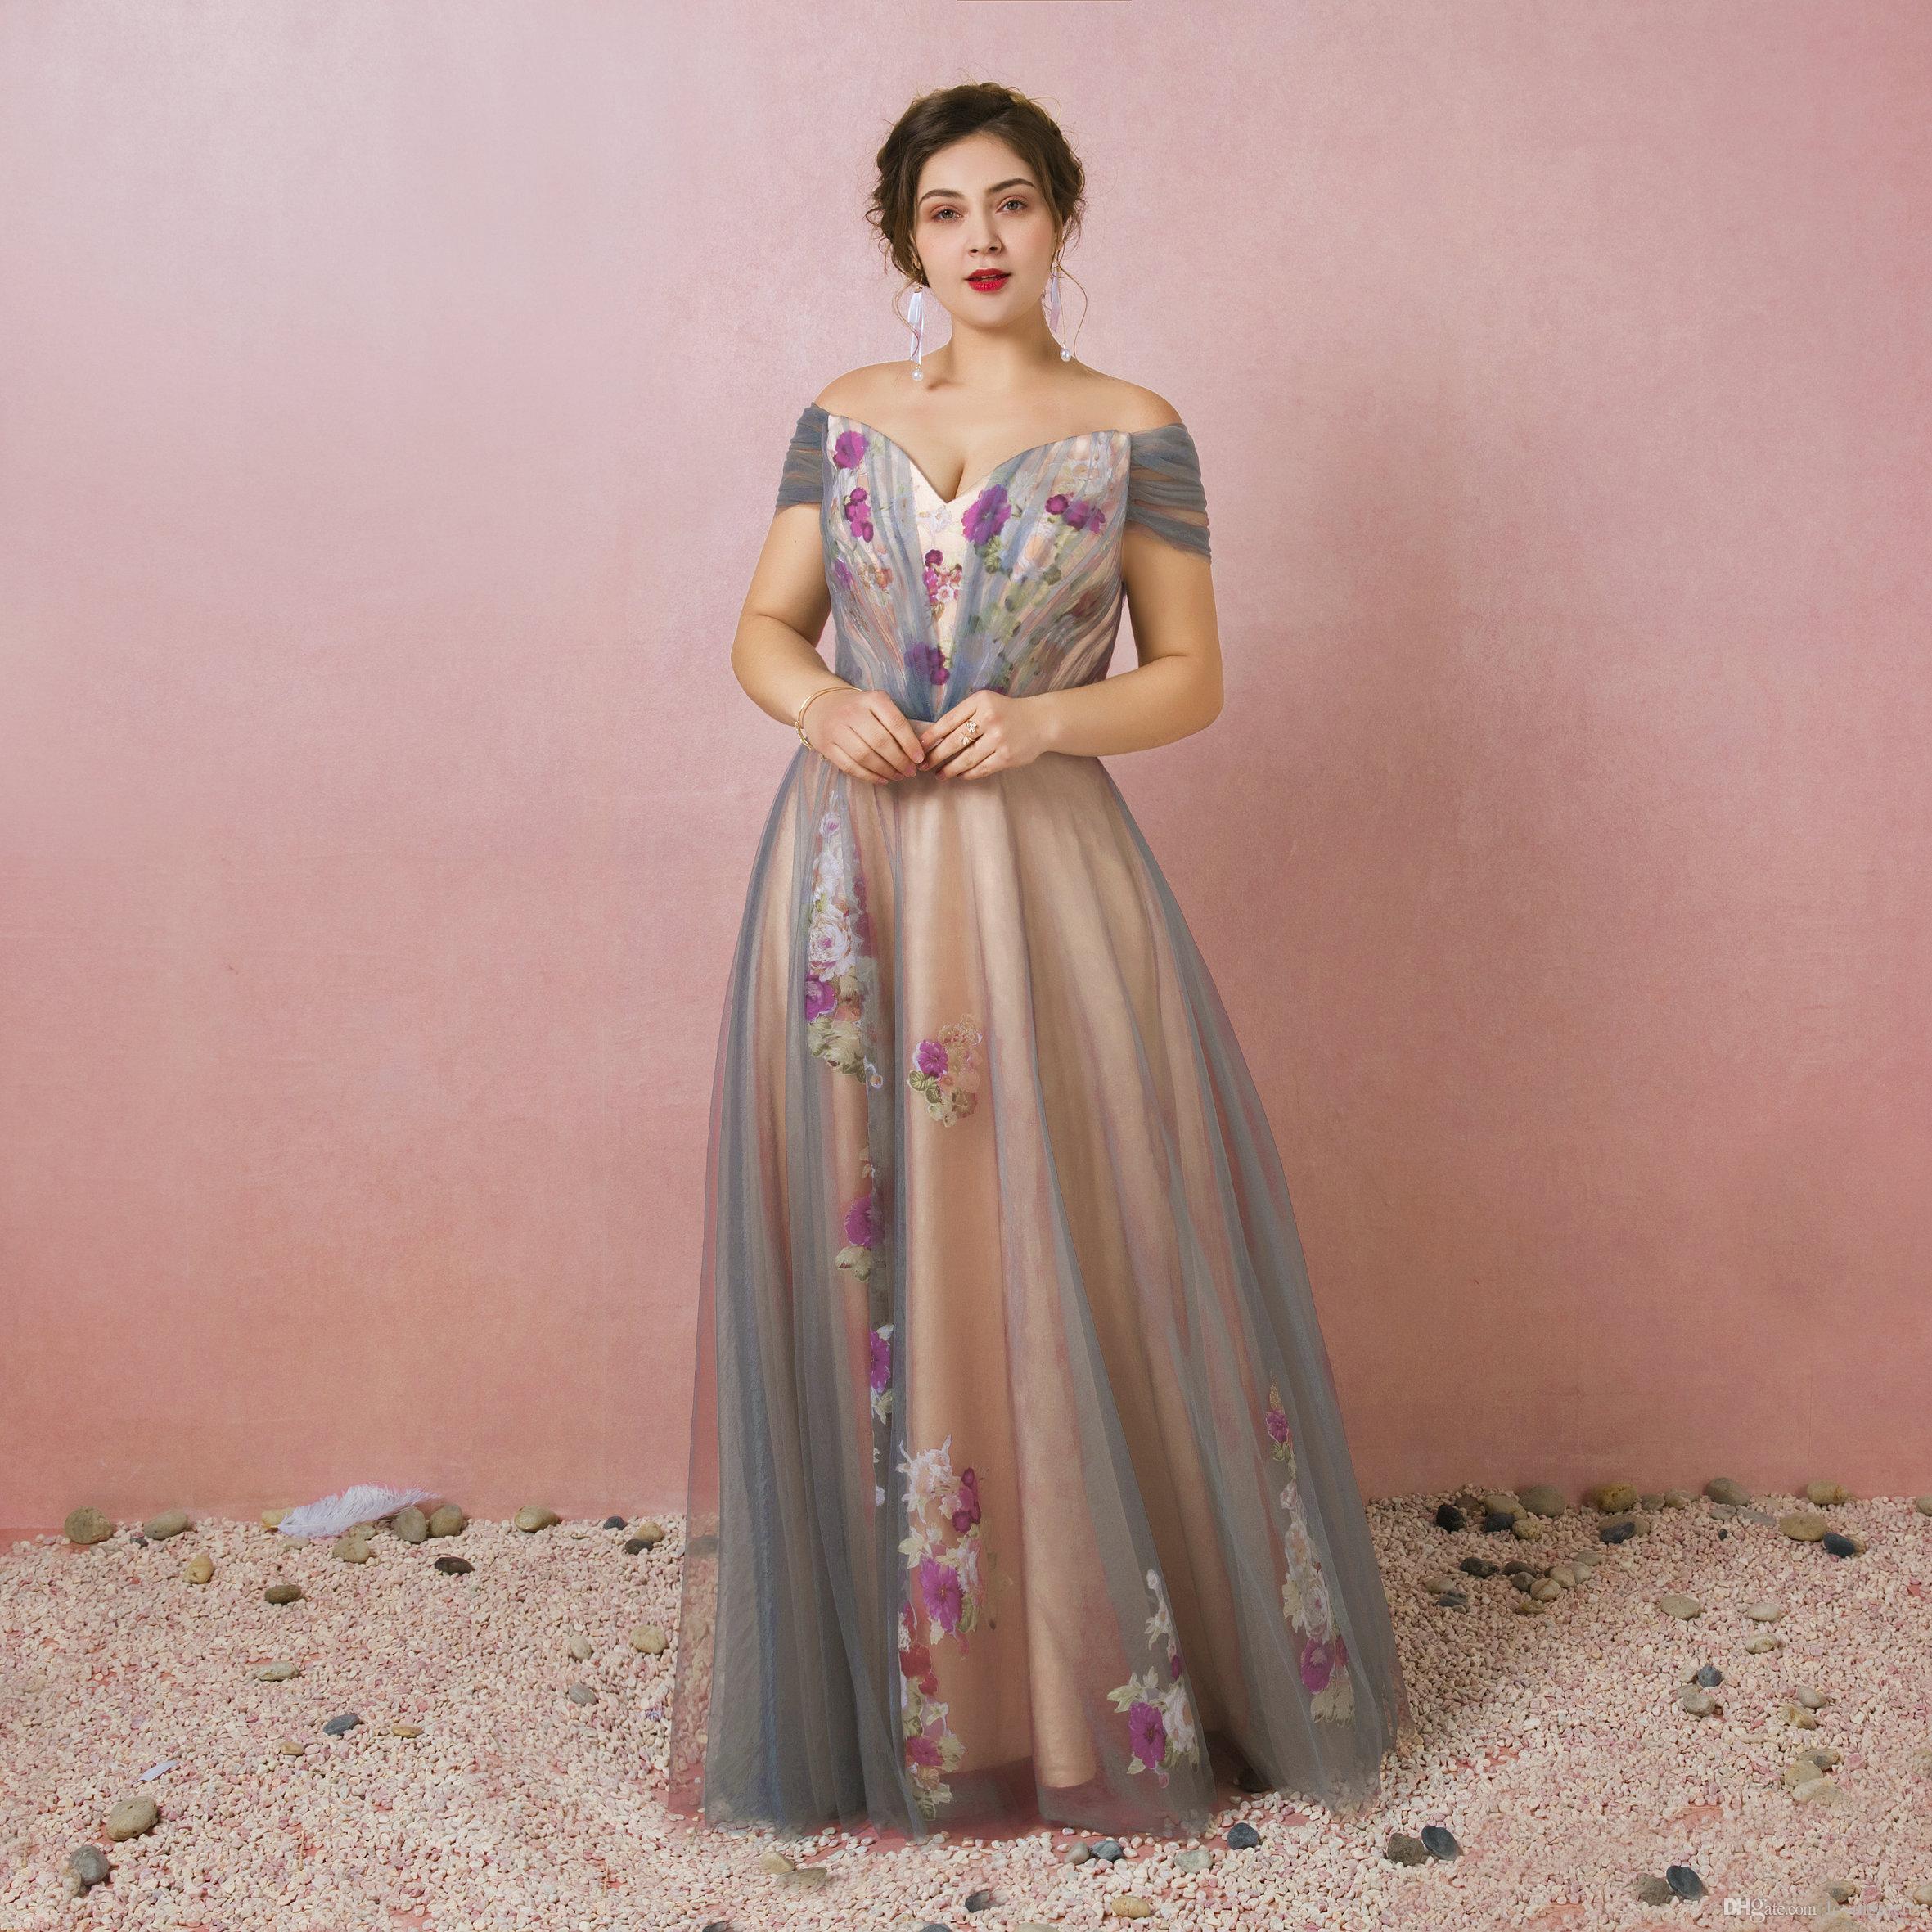 Fantástico Vestido De Fiesta Toronto Componente - Colección de ...